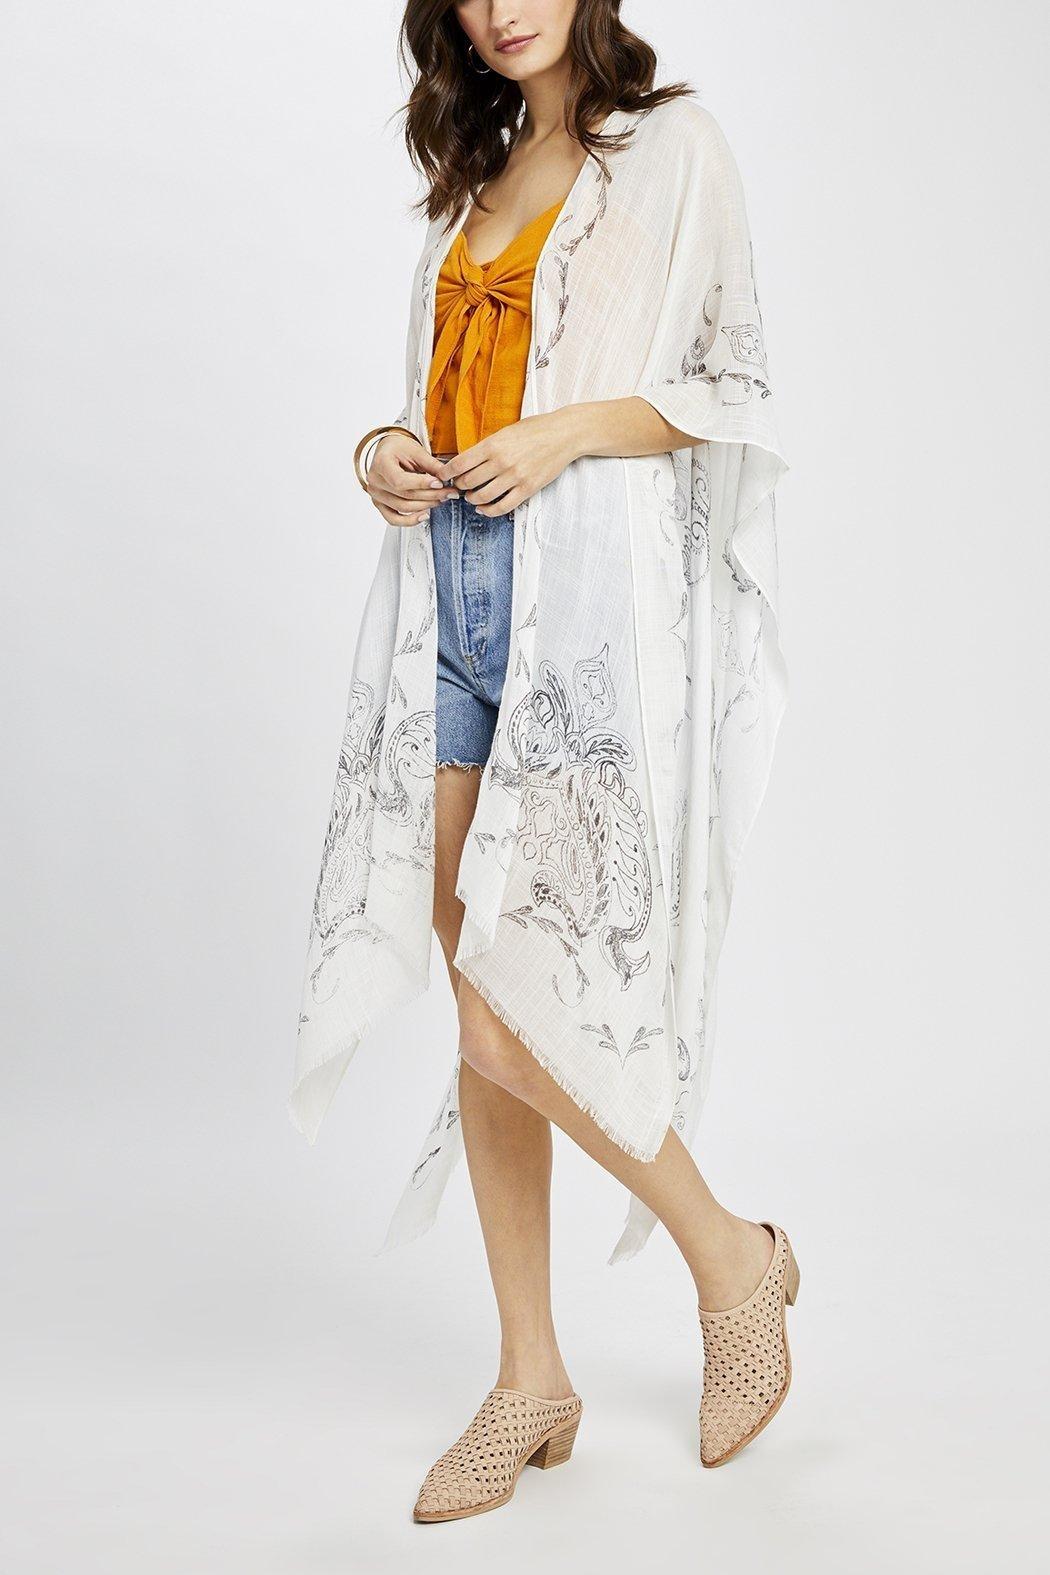 Gentlefawn Zodiac Kimono